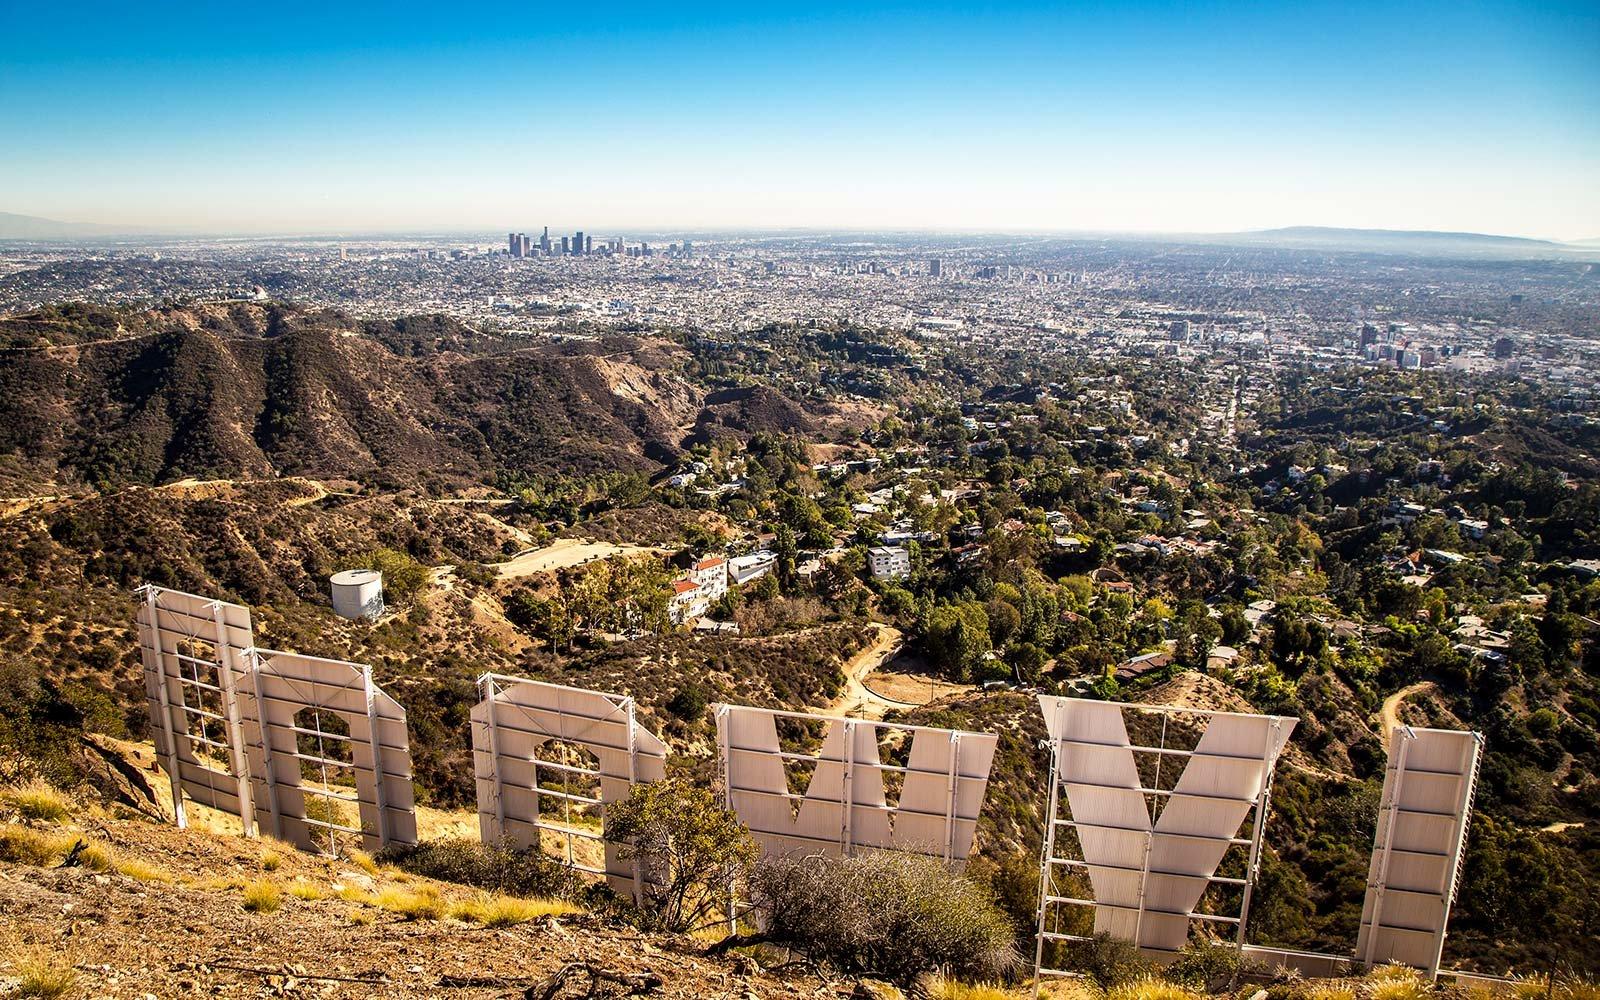 Что можно посмотреть в голливуде штата калифорния